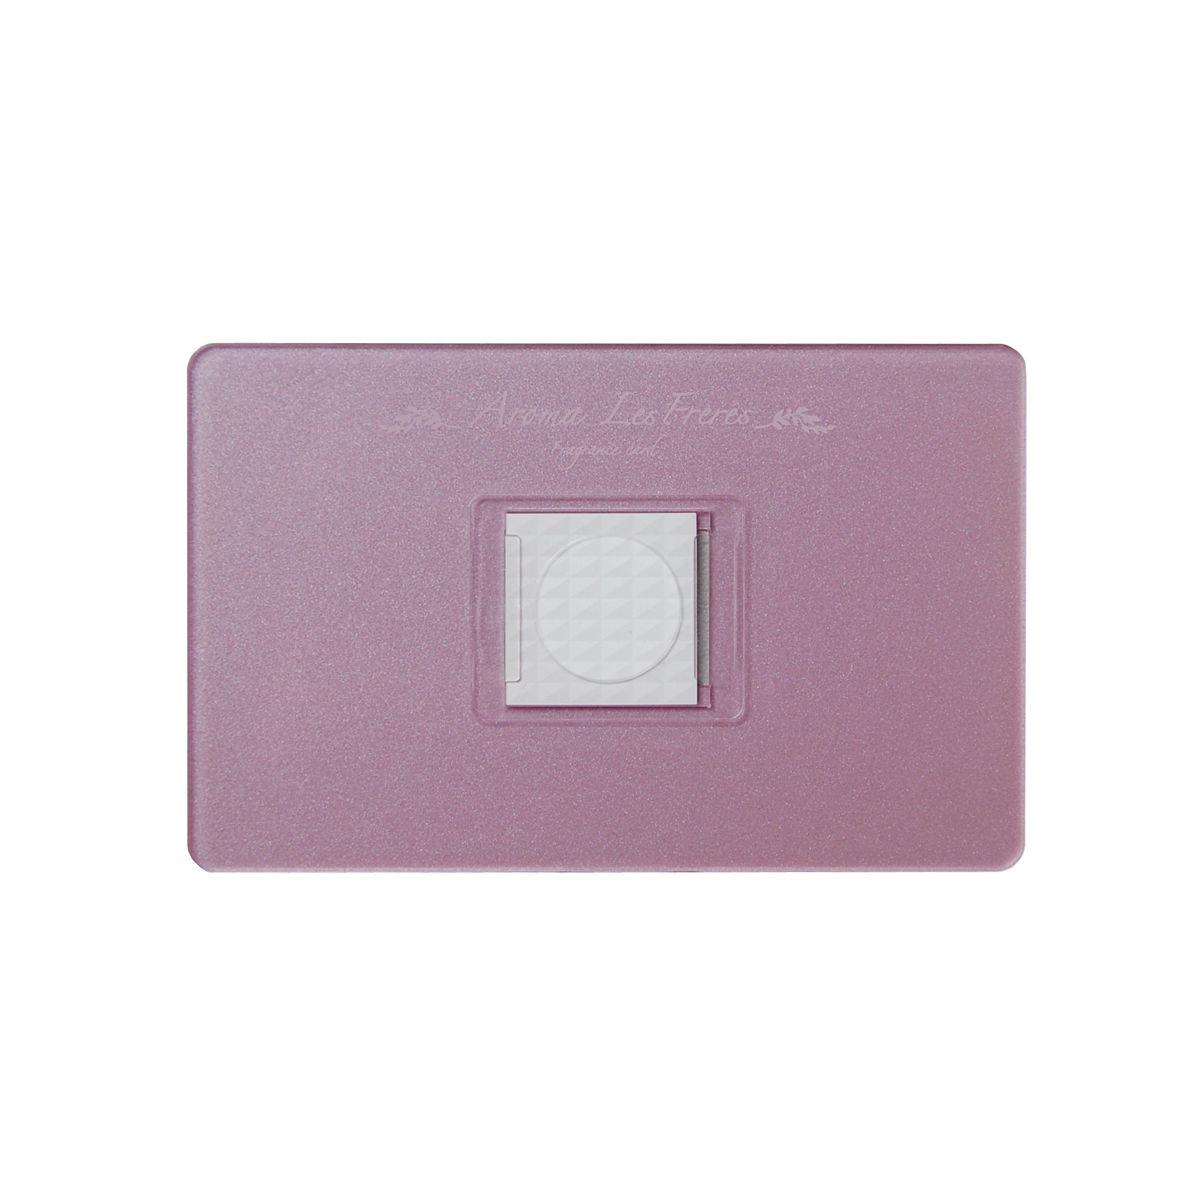 アロマレフレール 単色ピンク